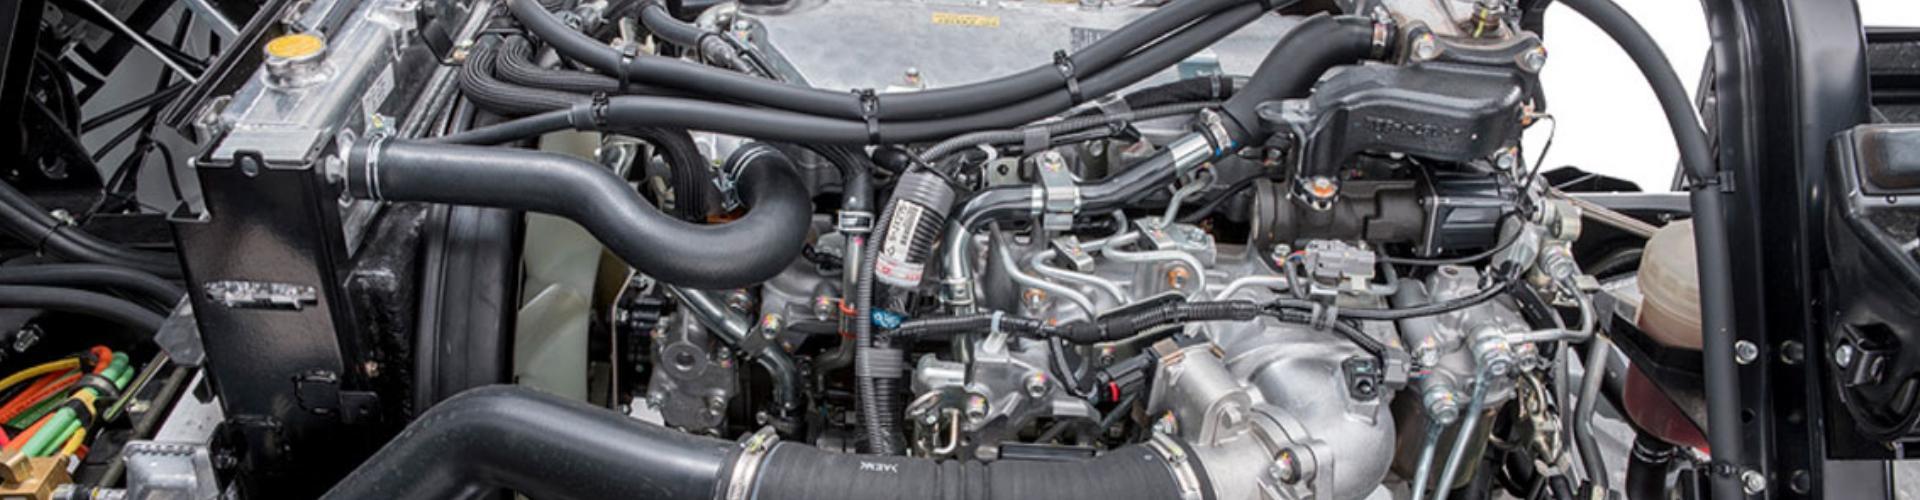 Isuzu F14